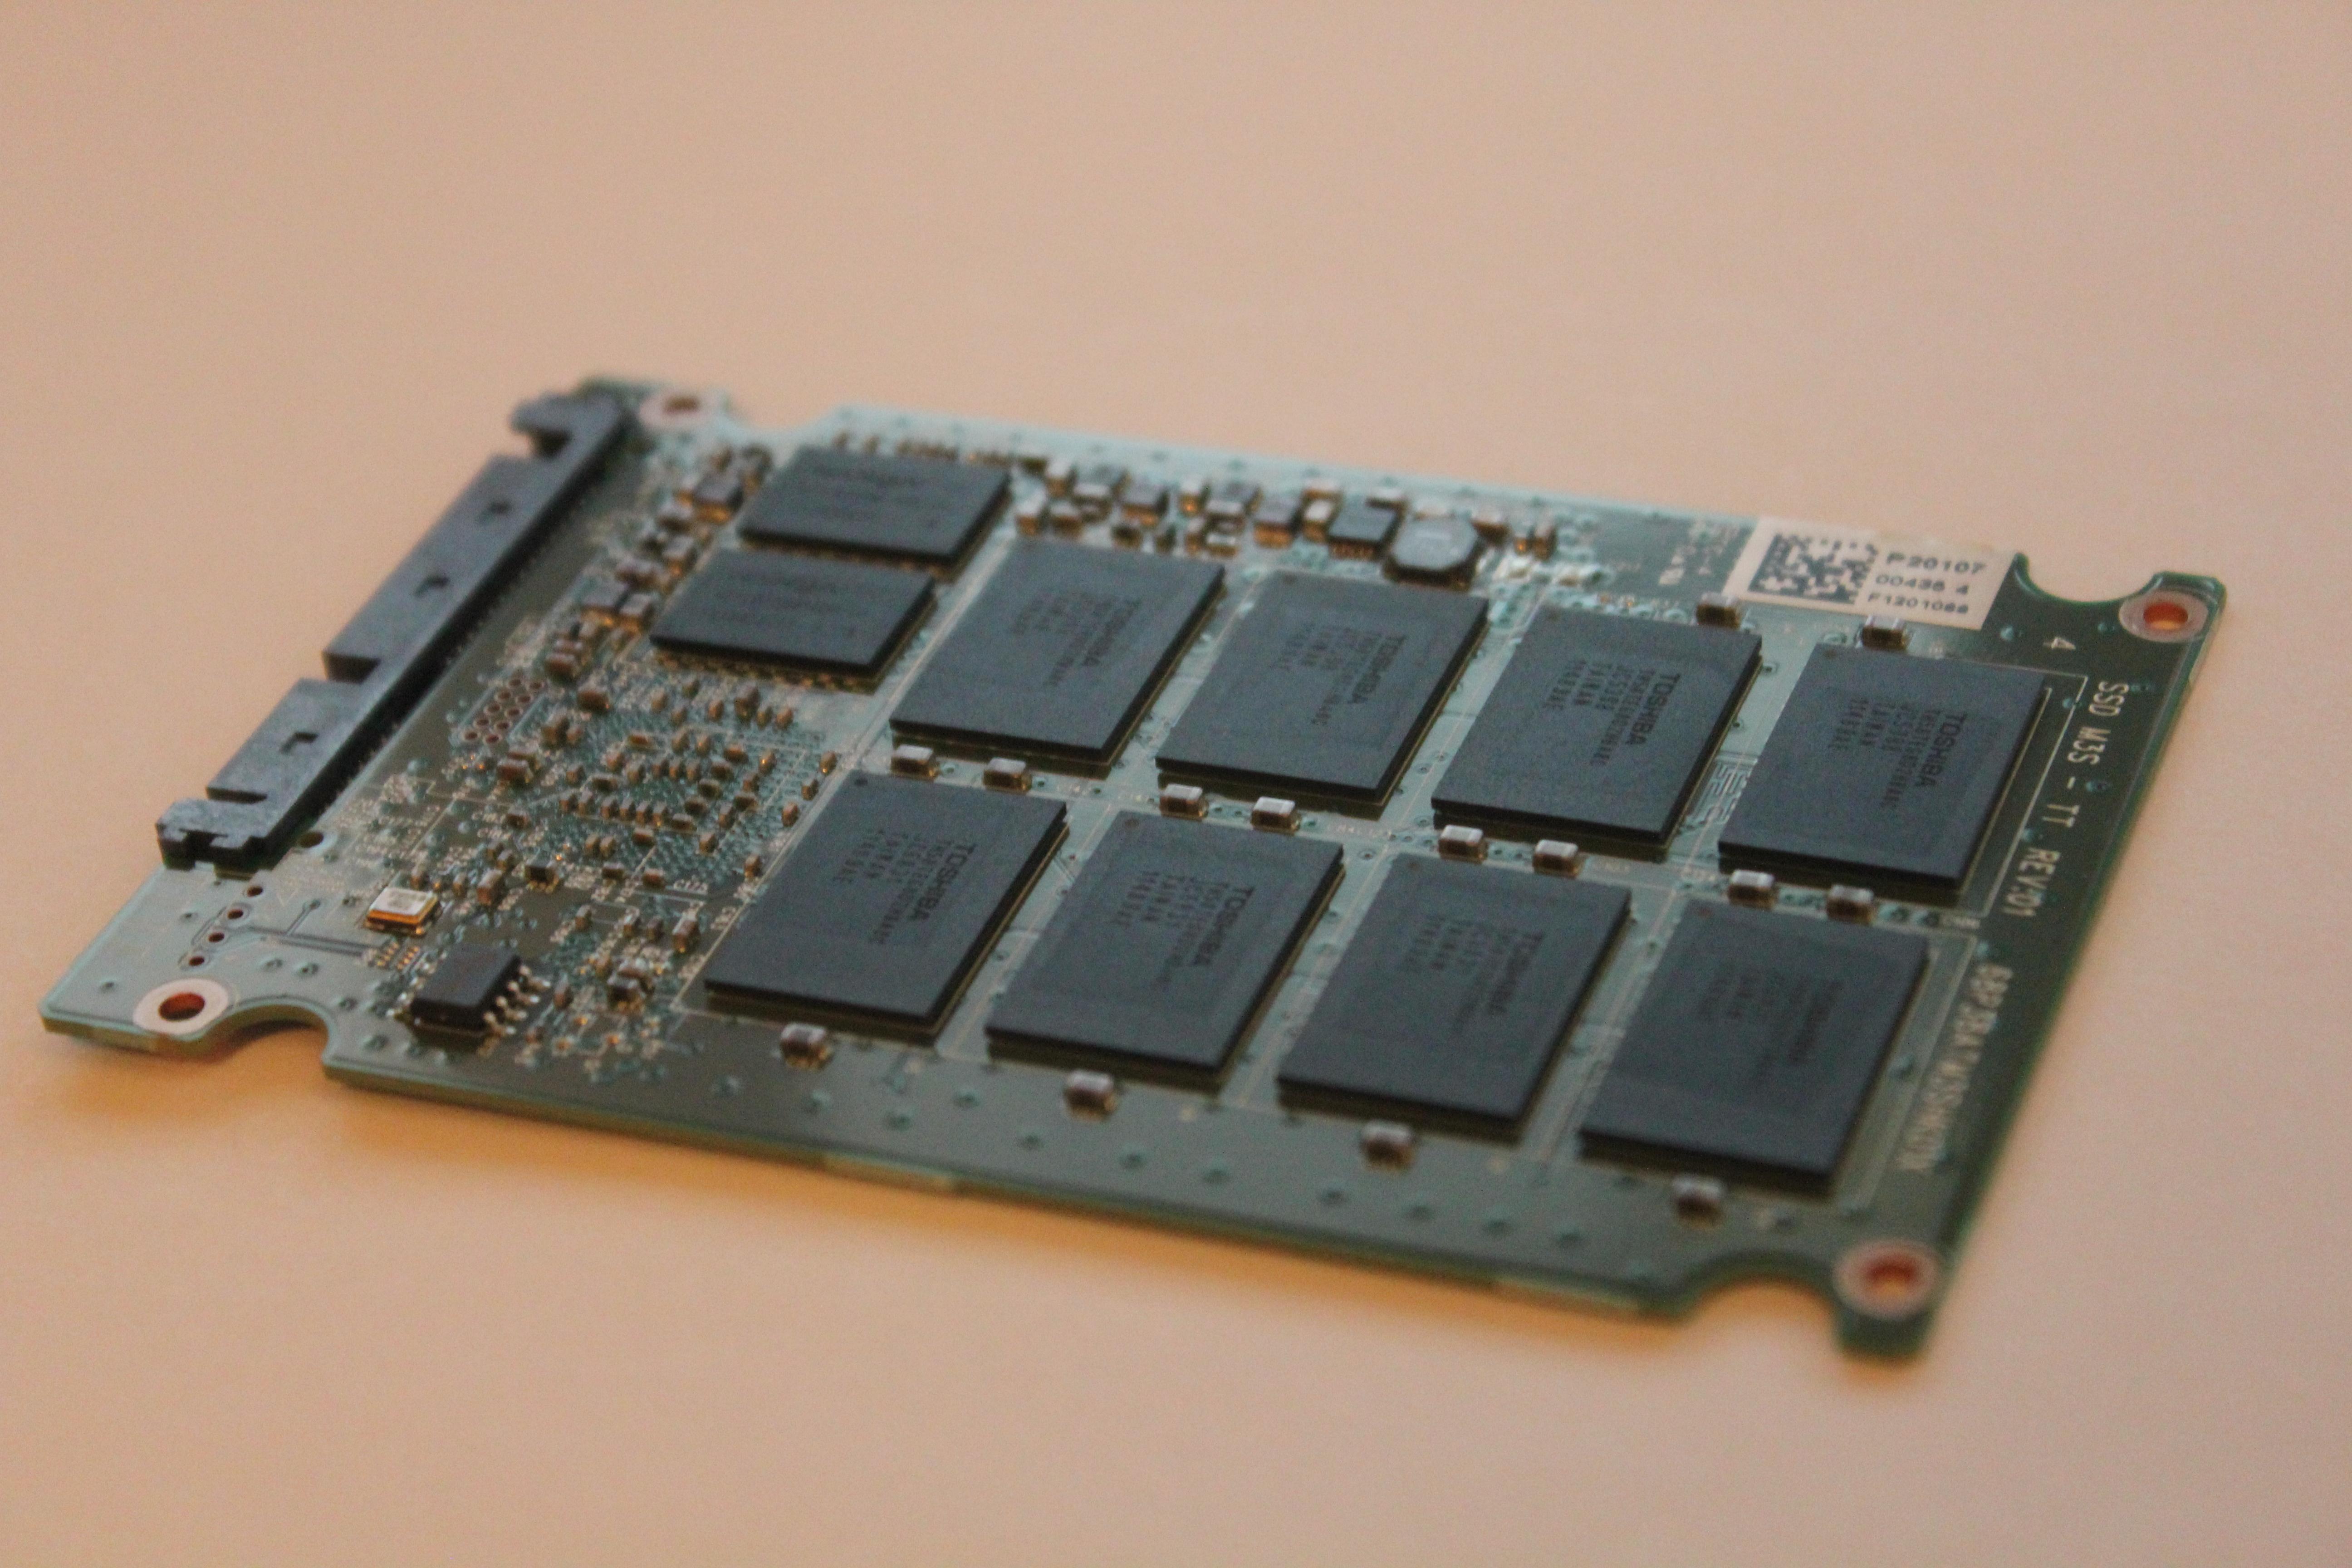 Plextor PX-512M3 SSD New